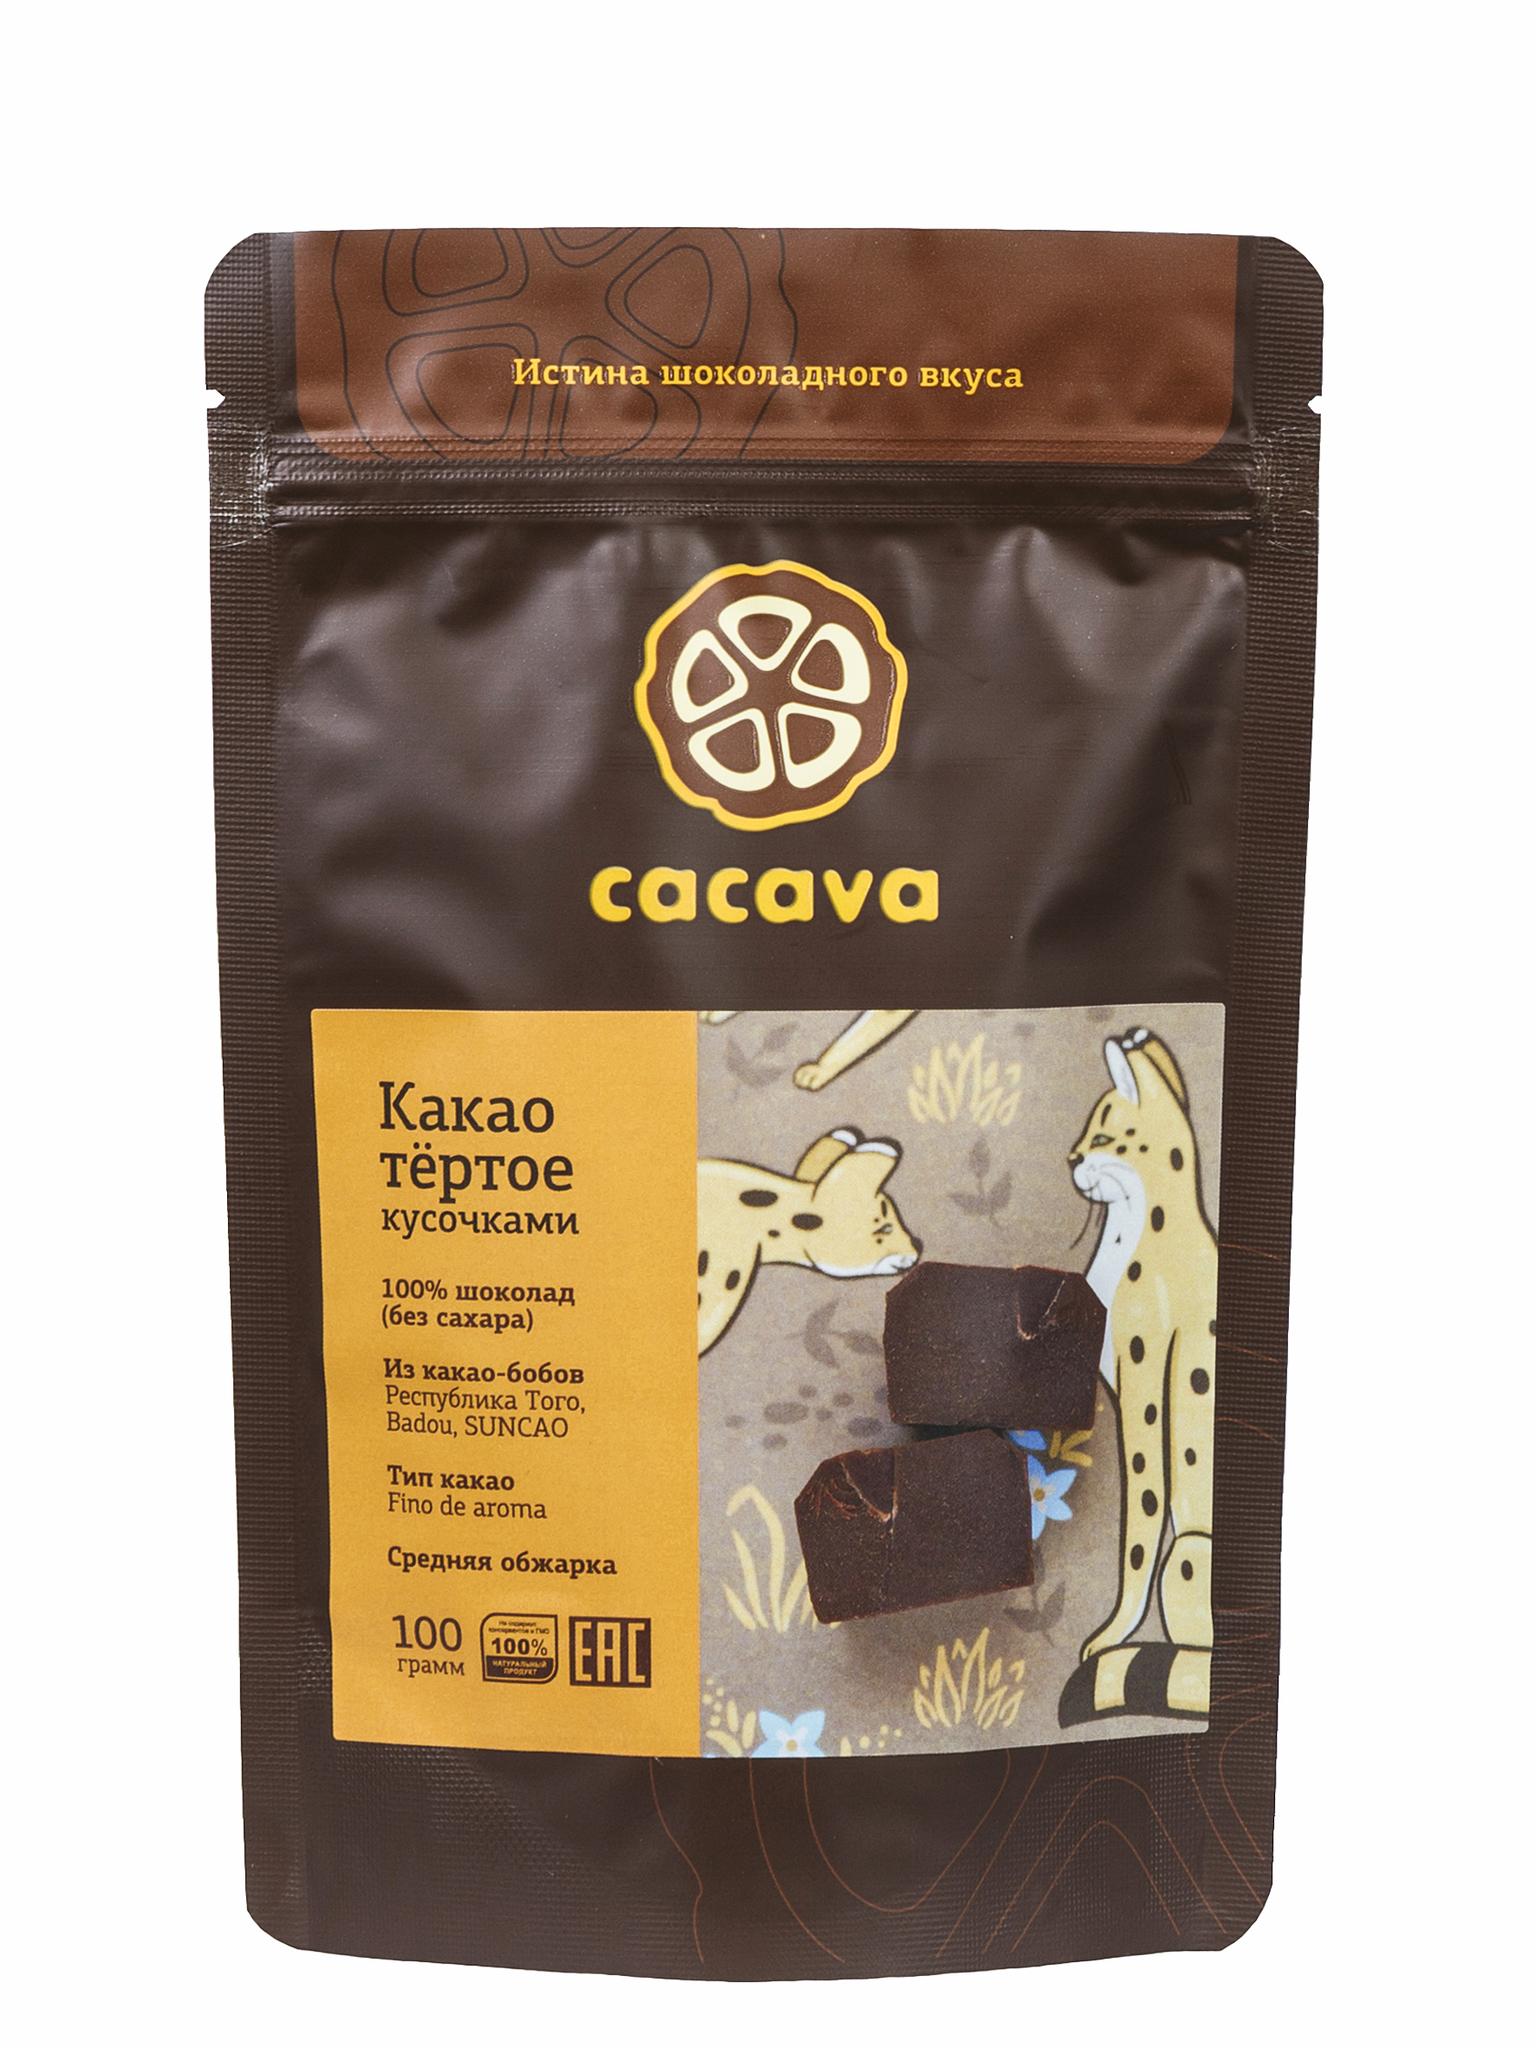 Какао тёртое кусочками (Того, Badou), упаковка 100 грамм